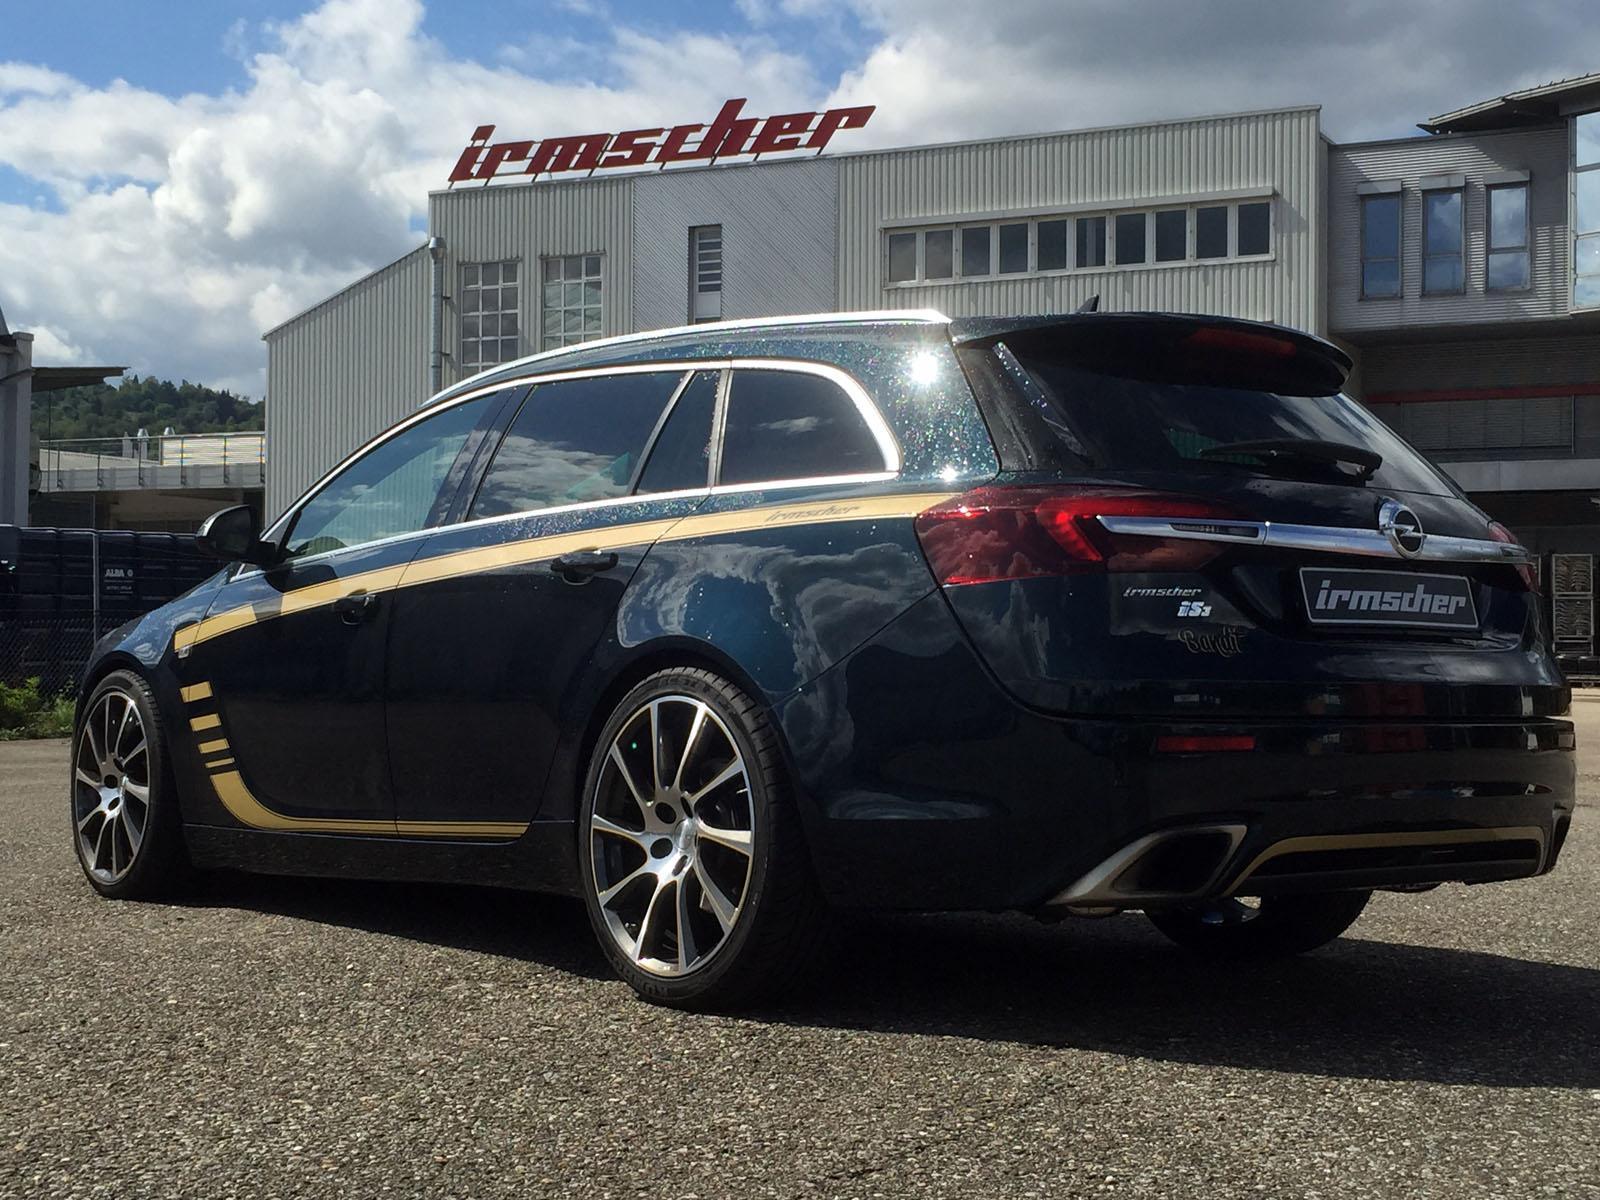 Opel Insignia Opc 2018 >> Opel Insignia OPC Sport Tourer by Irmscher